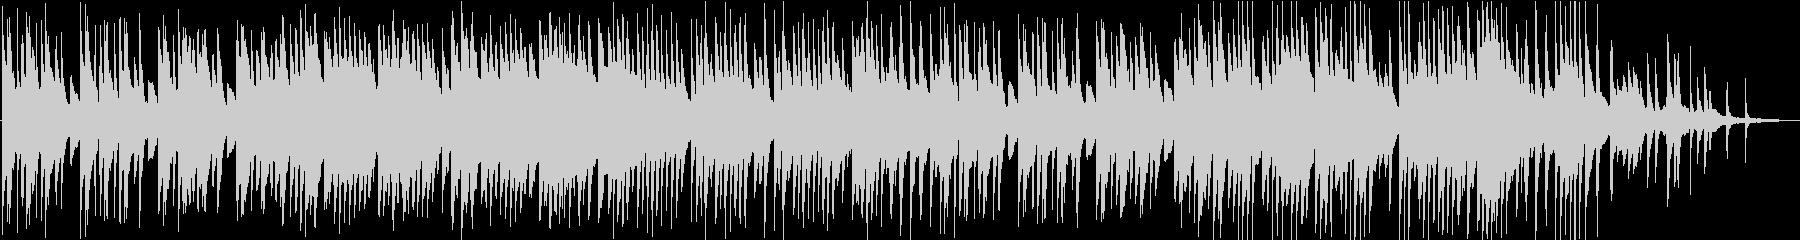 和を感じさせるピアノソロBGMの未再生の波形